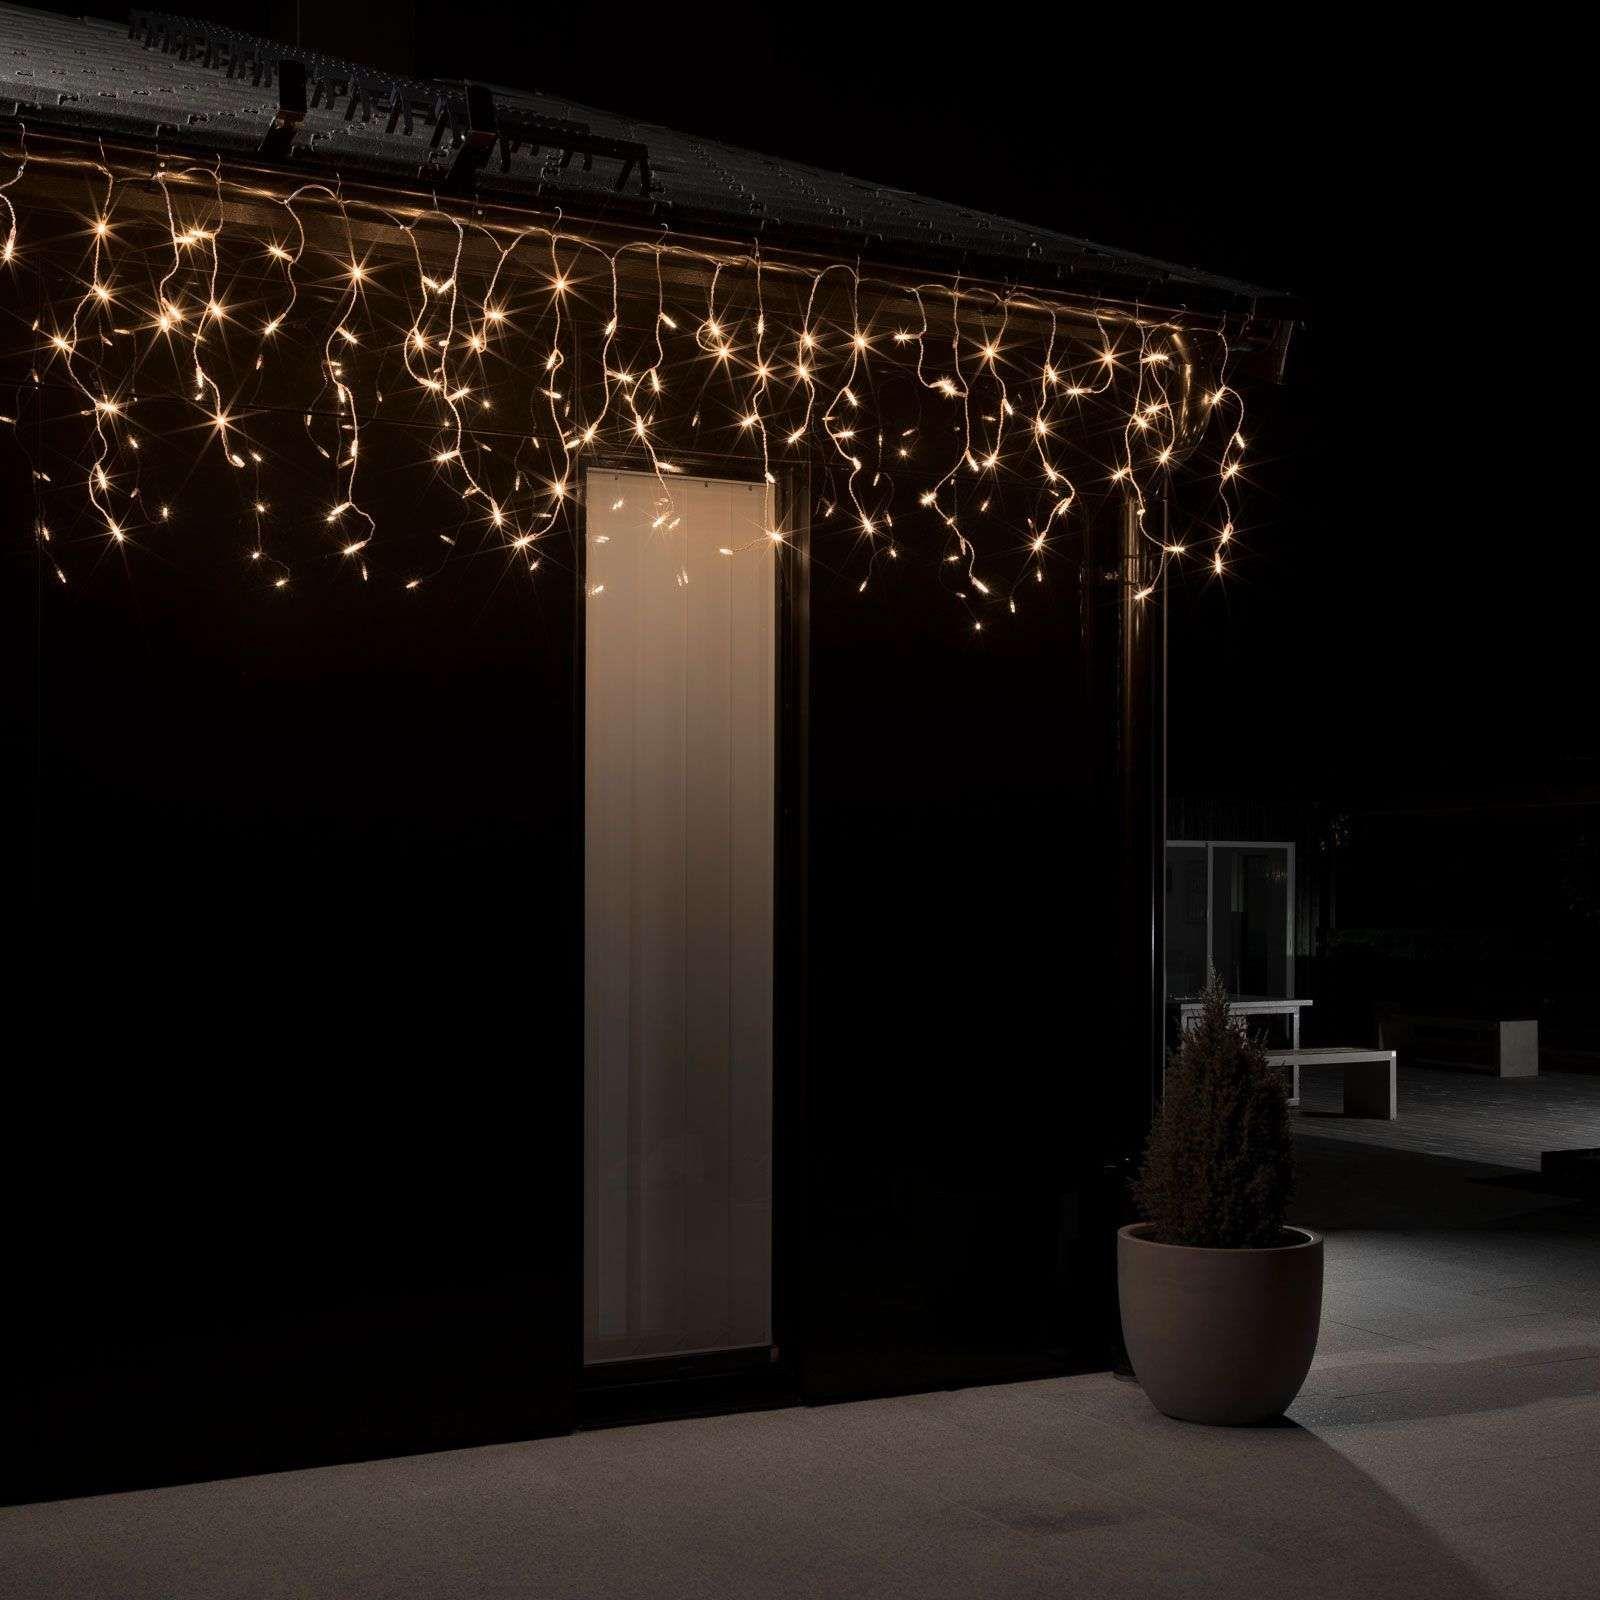 100 Fantastique Idées Rideau Lumineux Exterieur Solaire